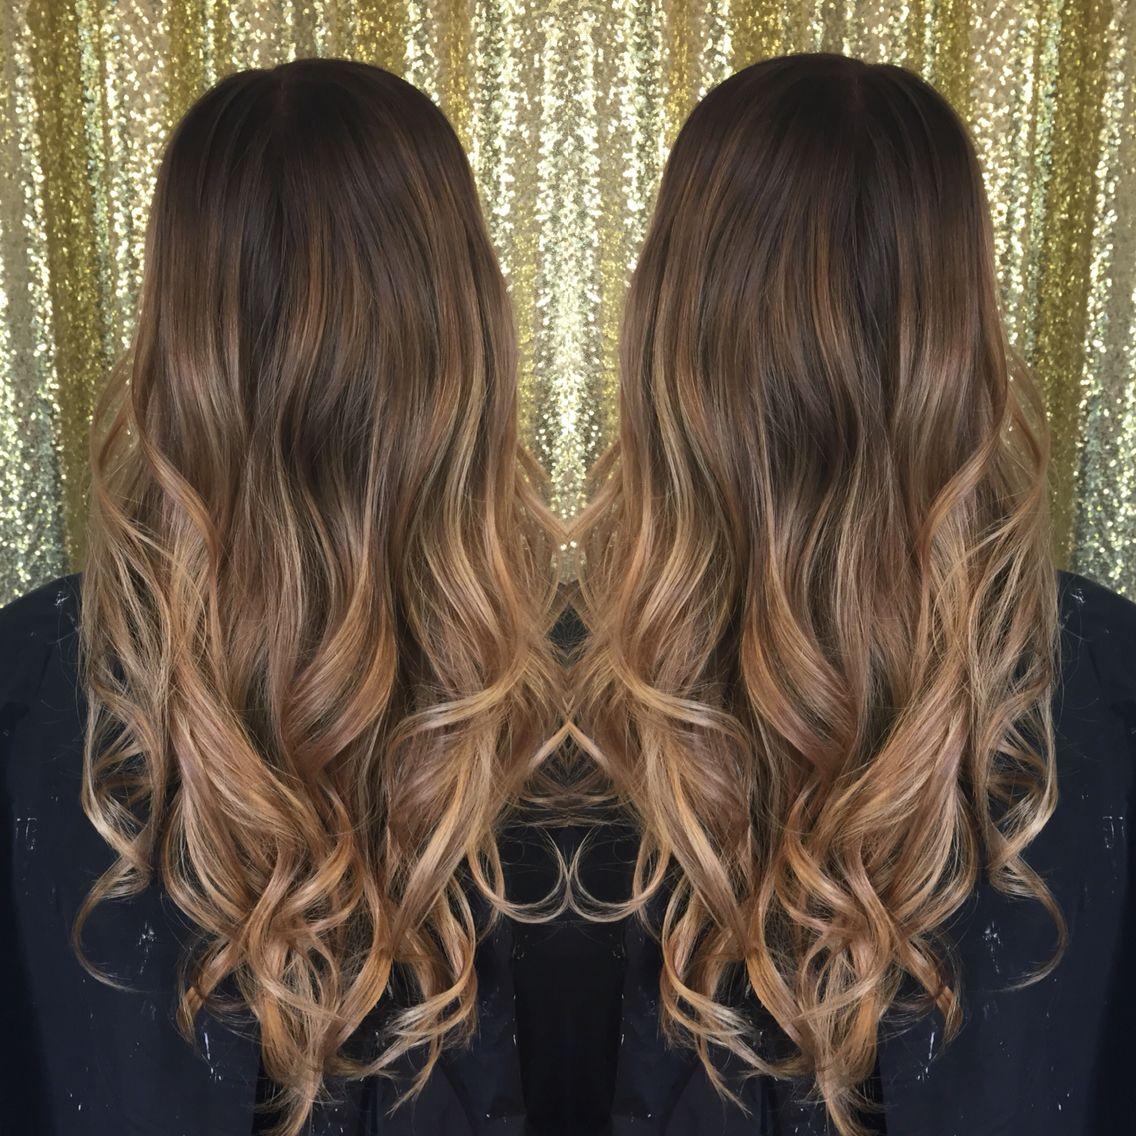 balayage hair brunette to blonde wlosy pinterest haar frisur und haarfarbe. Black Bedroom Furniture Sets. Home Design Ideas